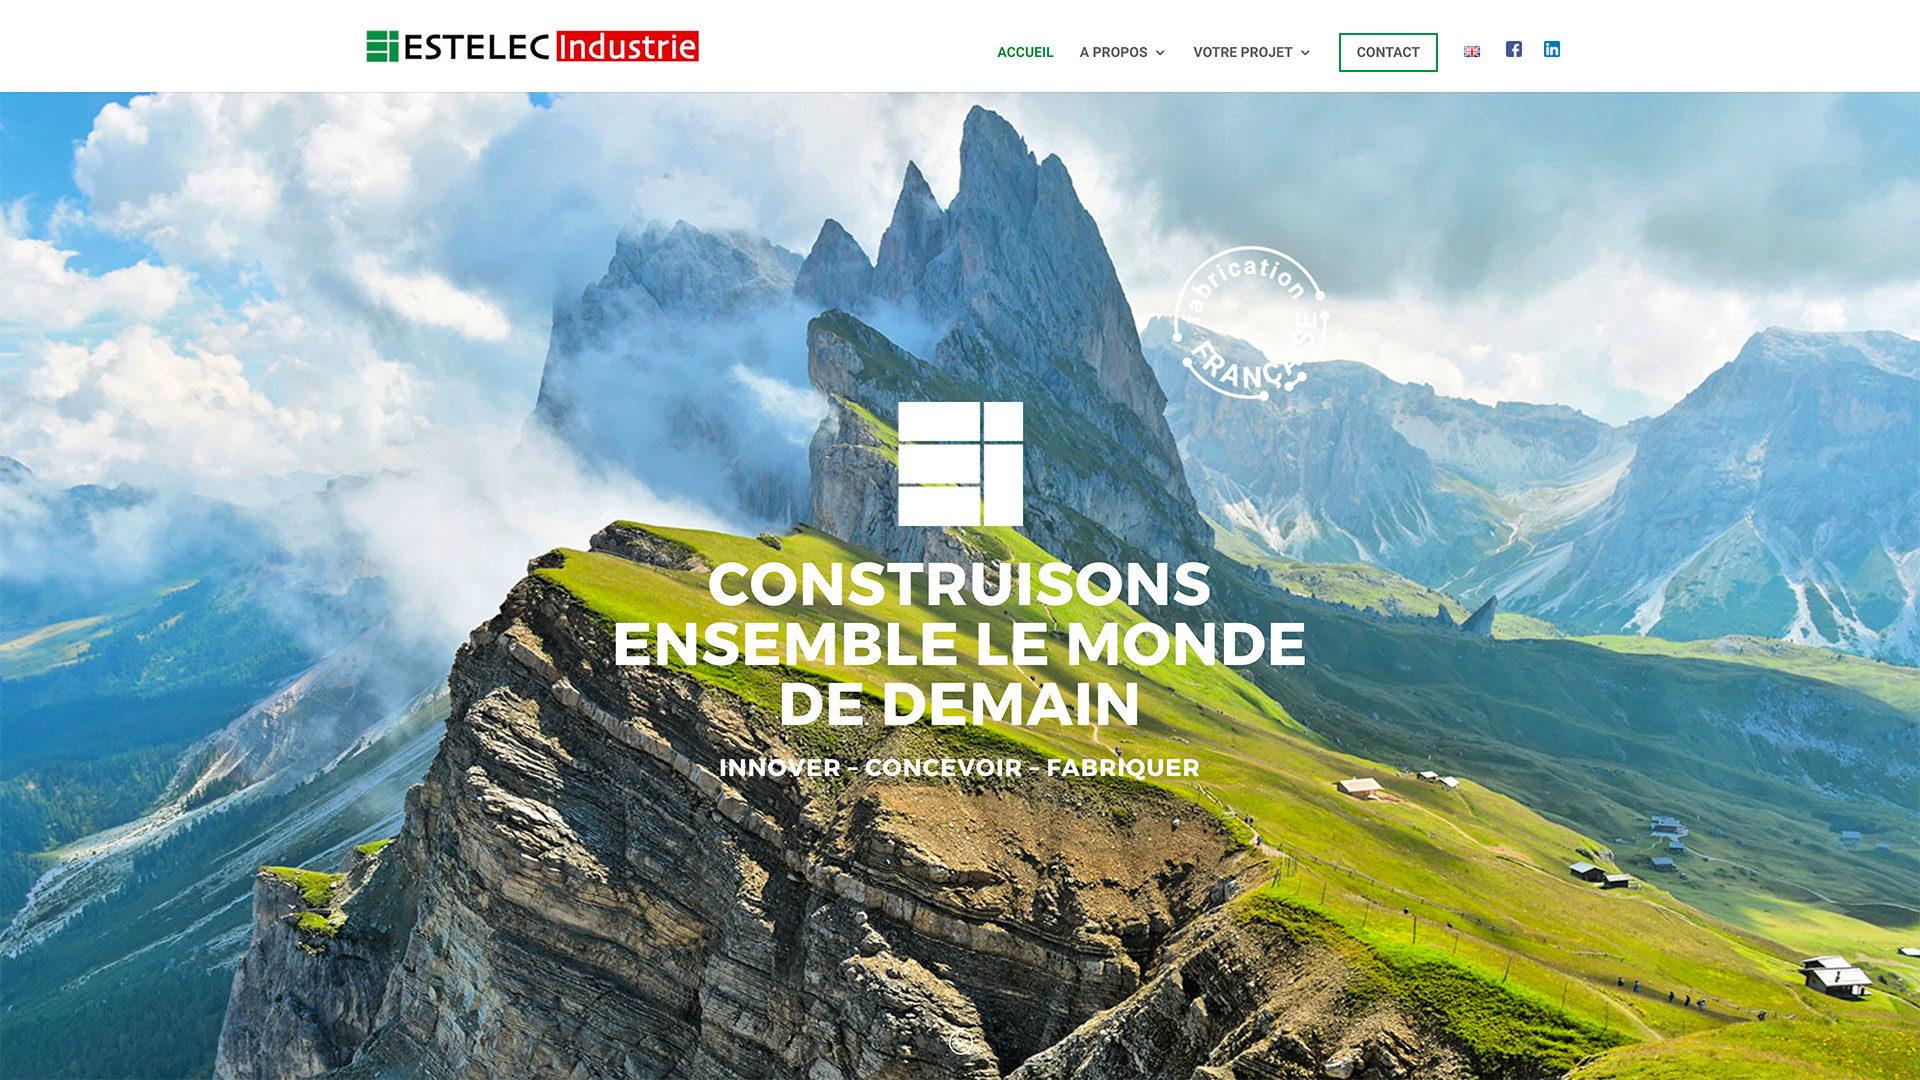 estelec-industrie.com